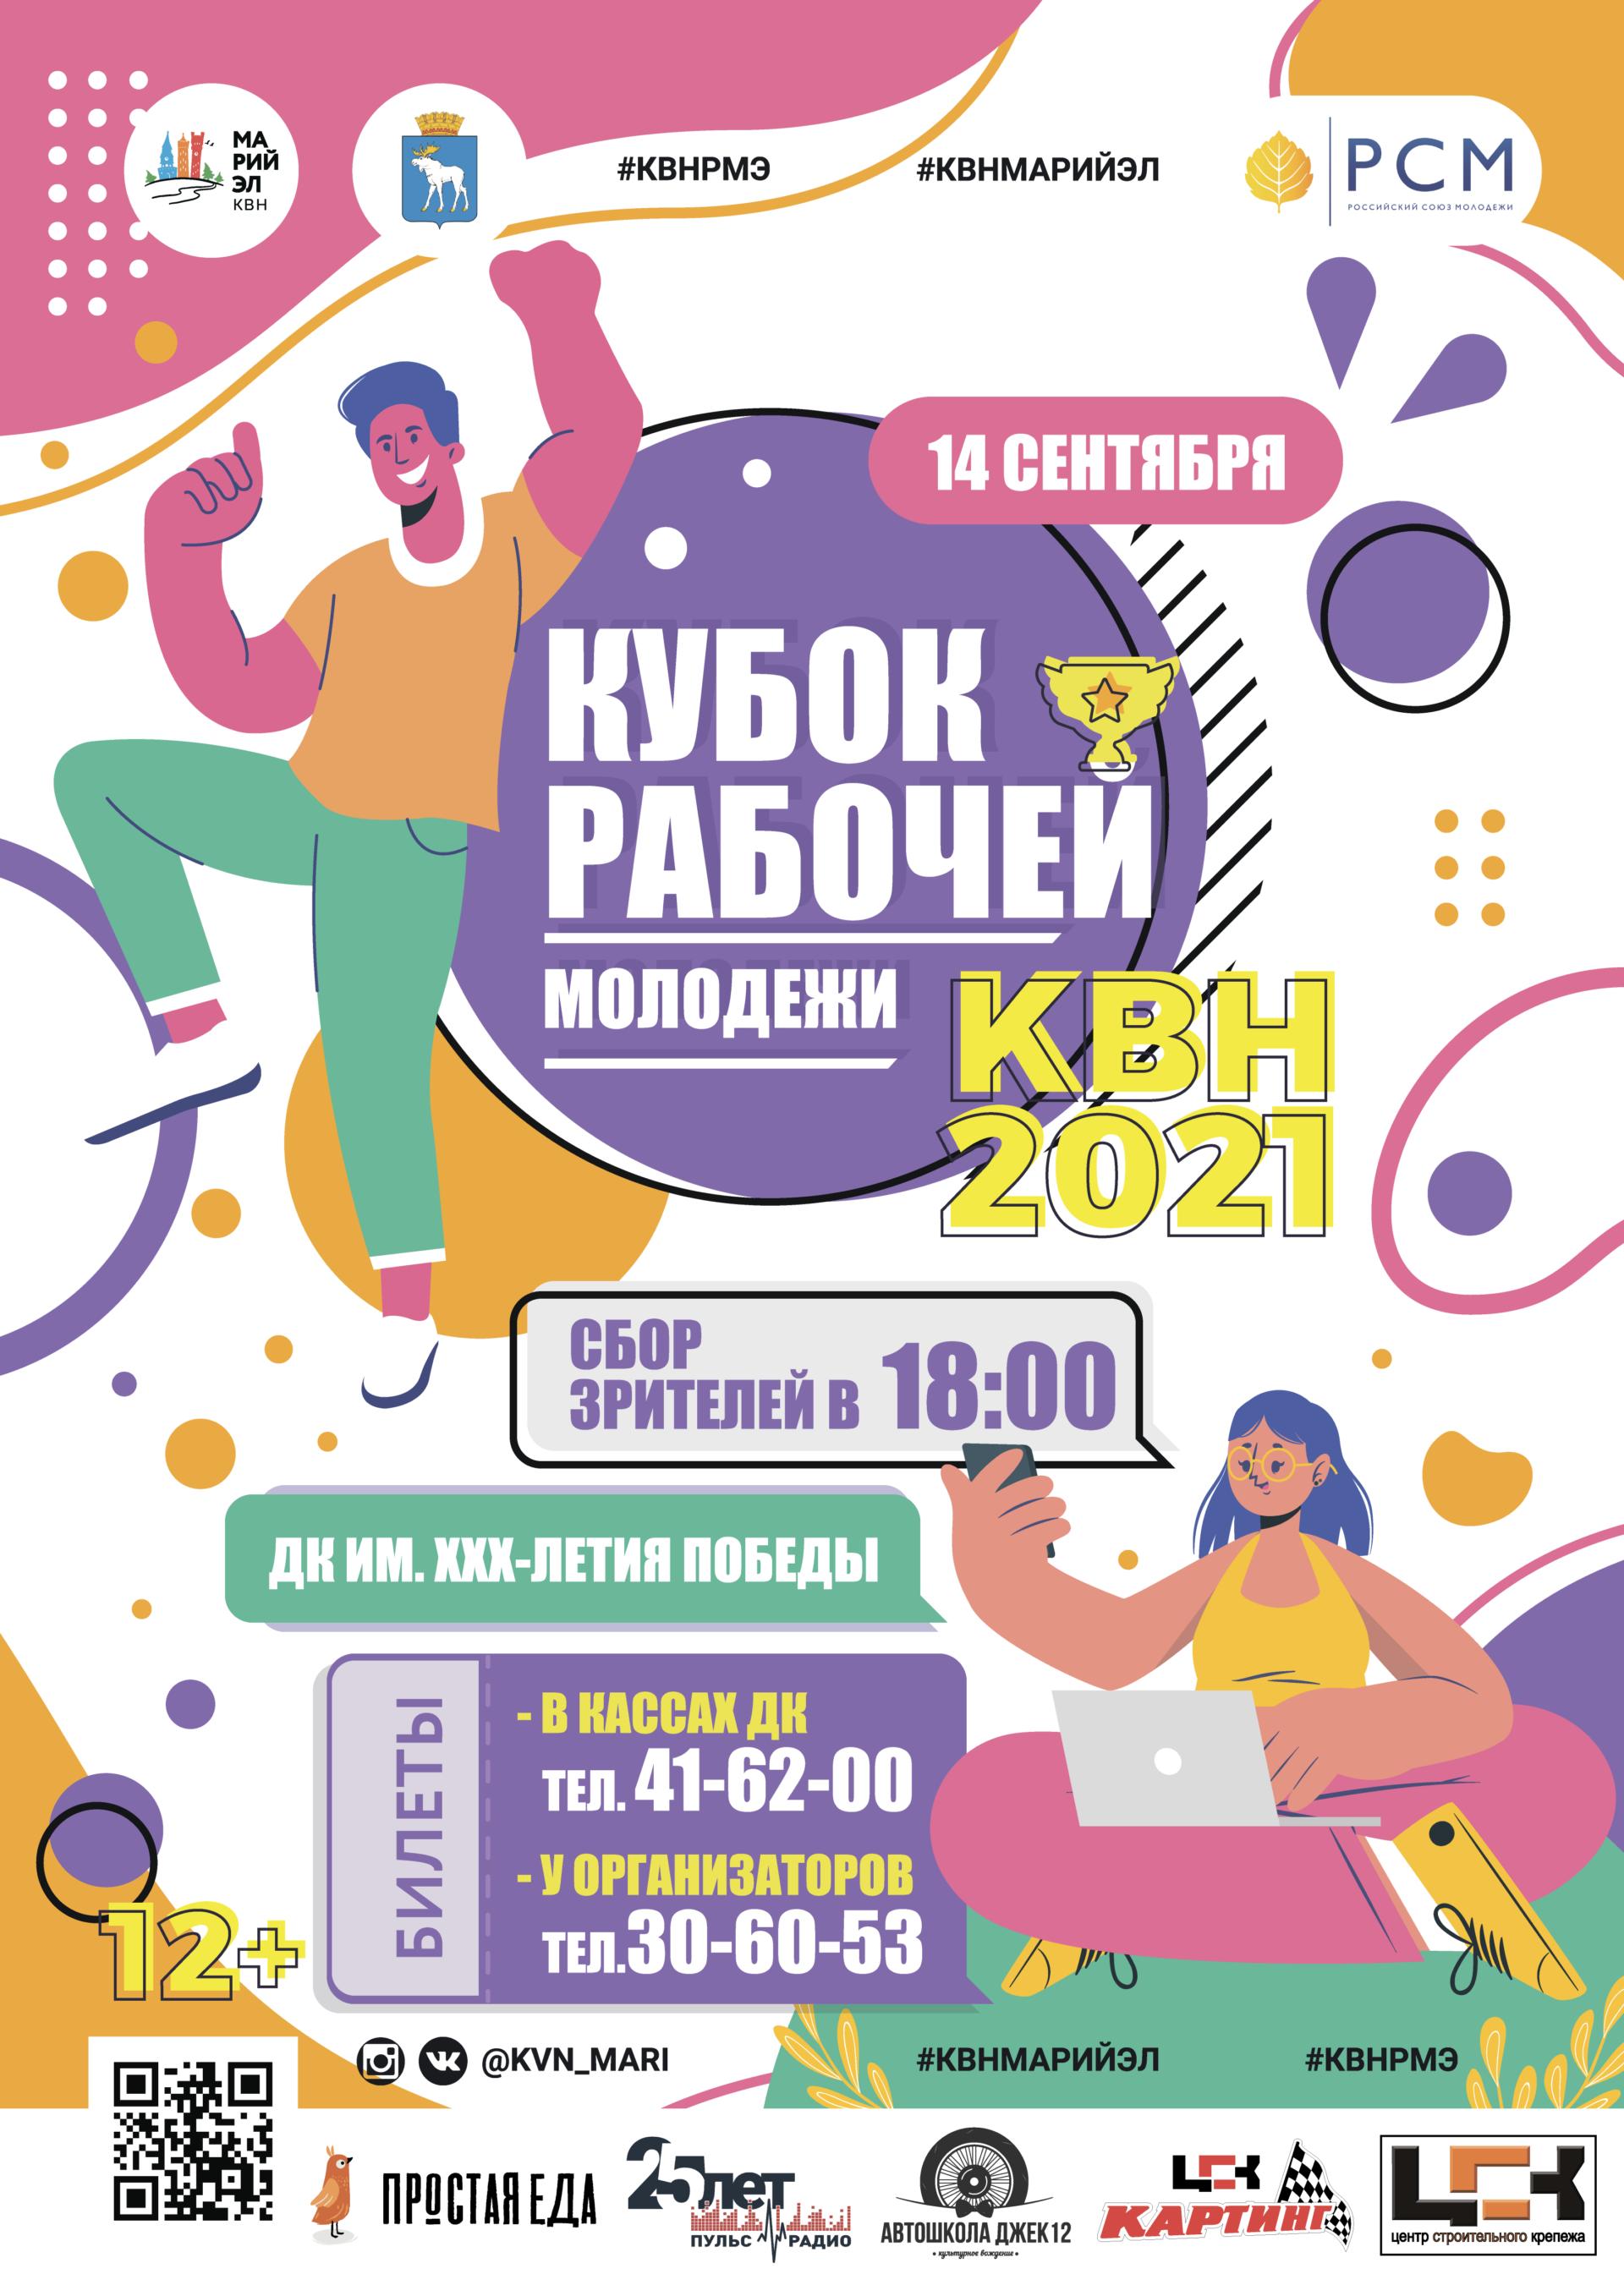 В Йошкар-Оле пройдет «Кубок рабочей молодежи 2021»